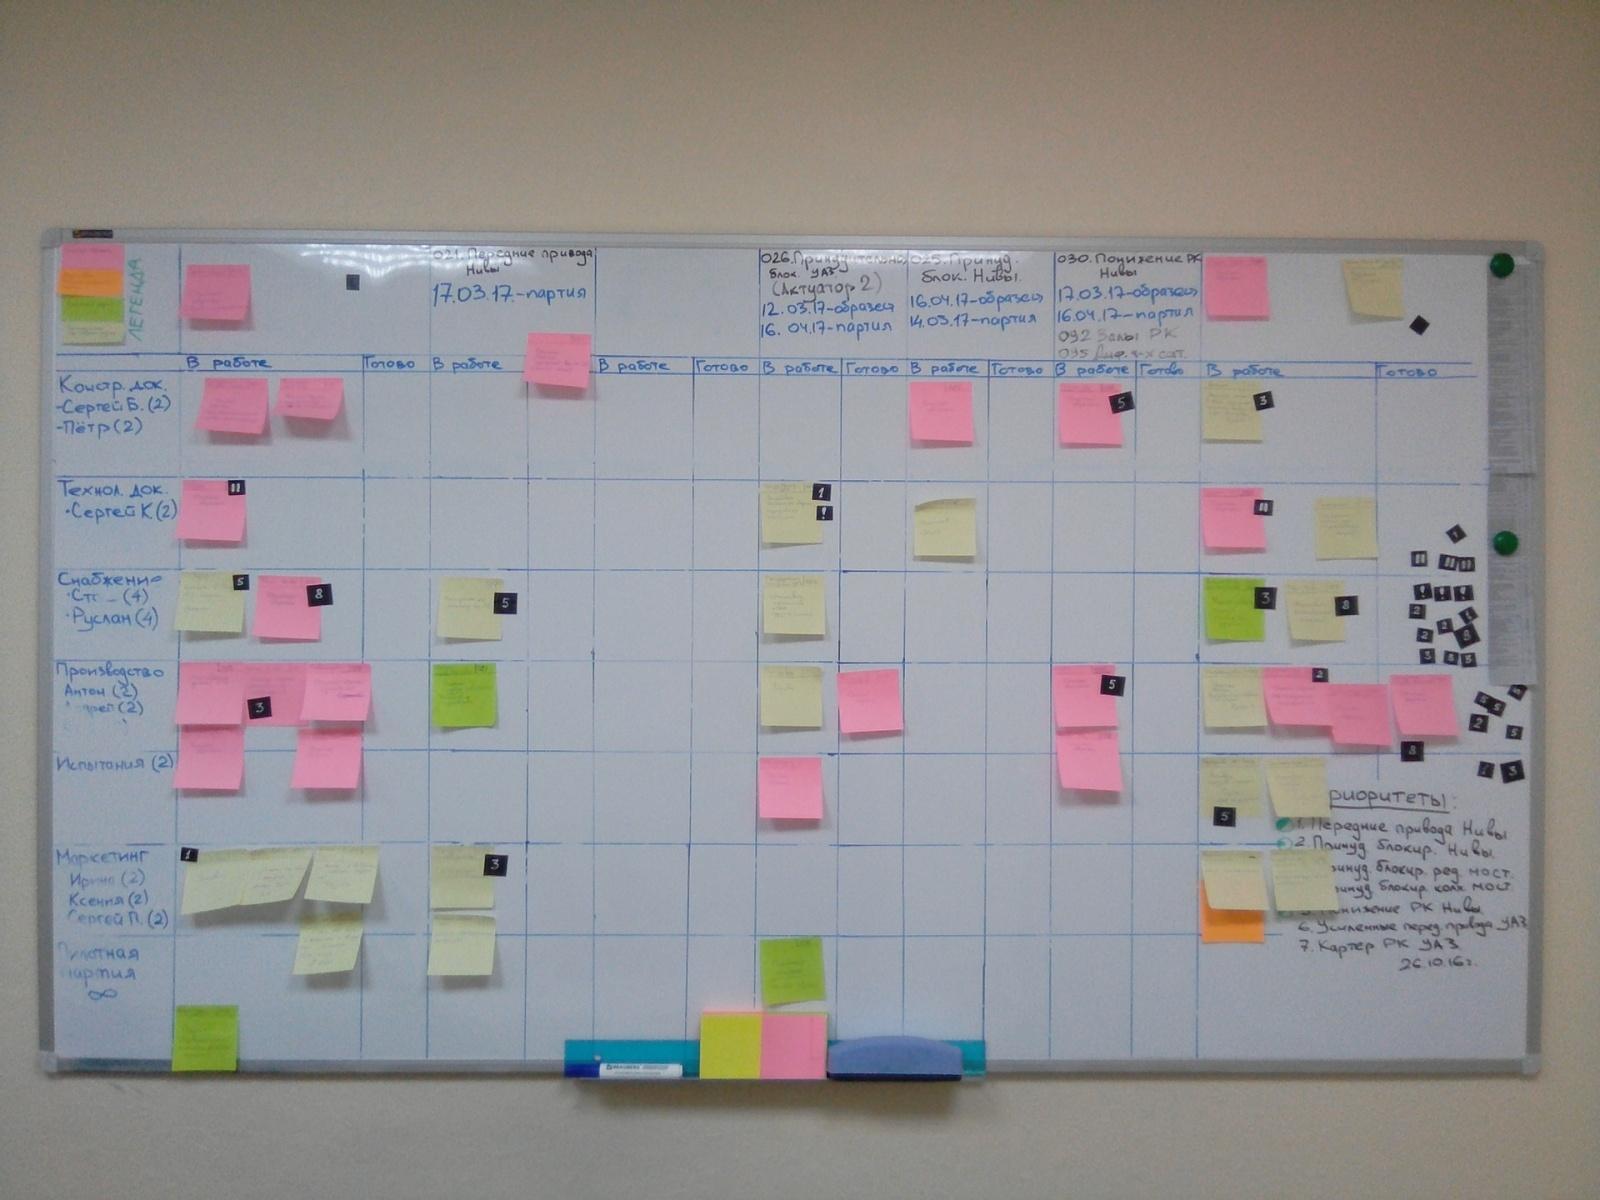 Канбан в управлении разработкой продуктов в машиностроении - 1